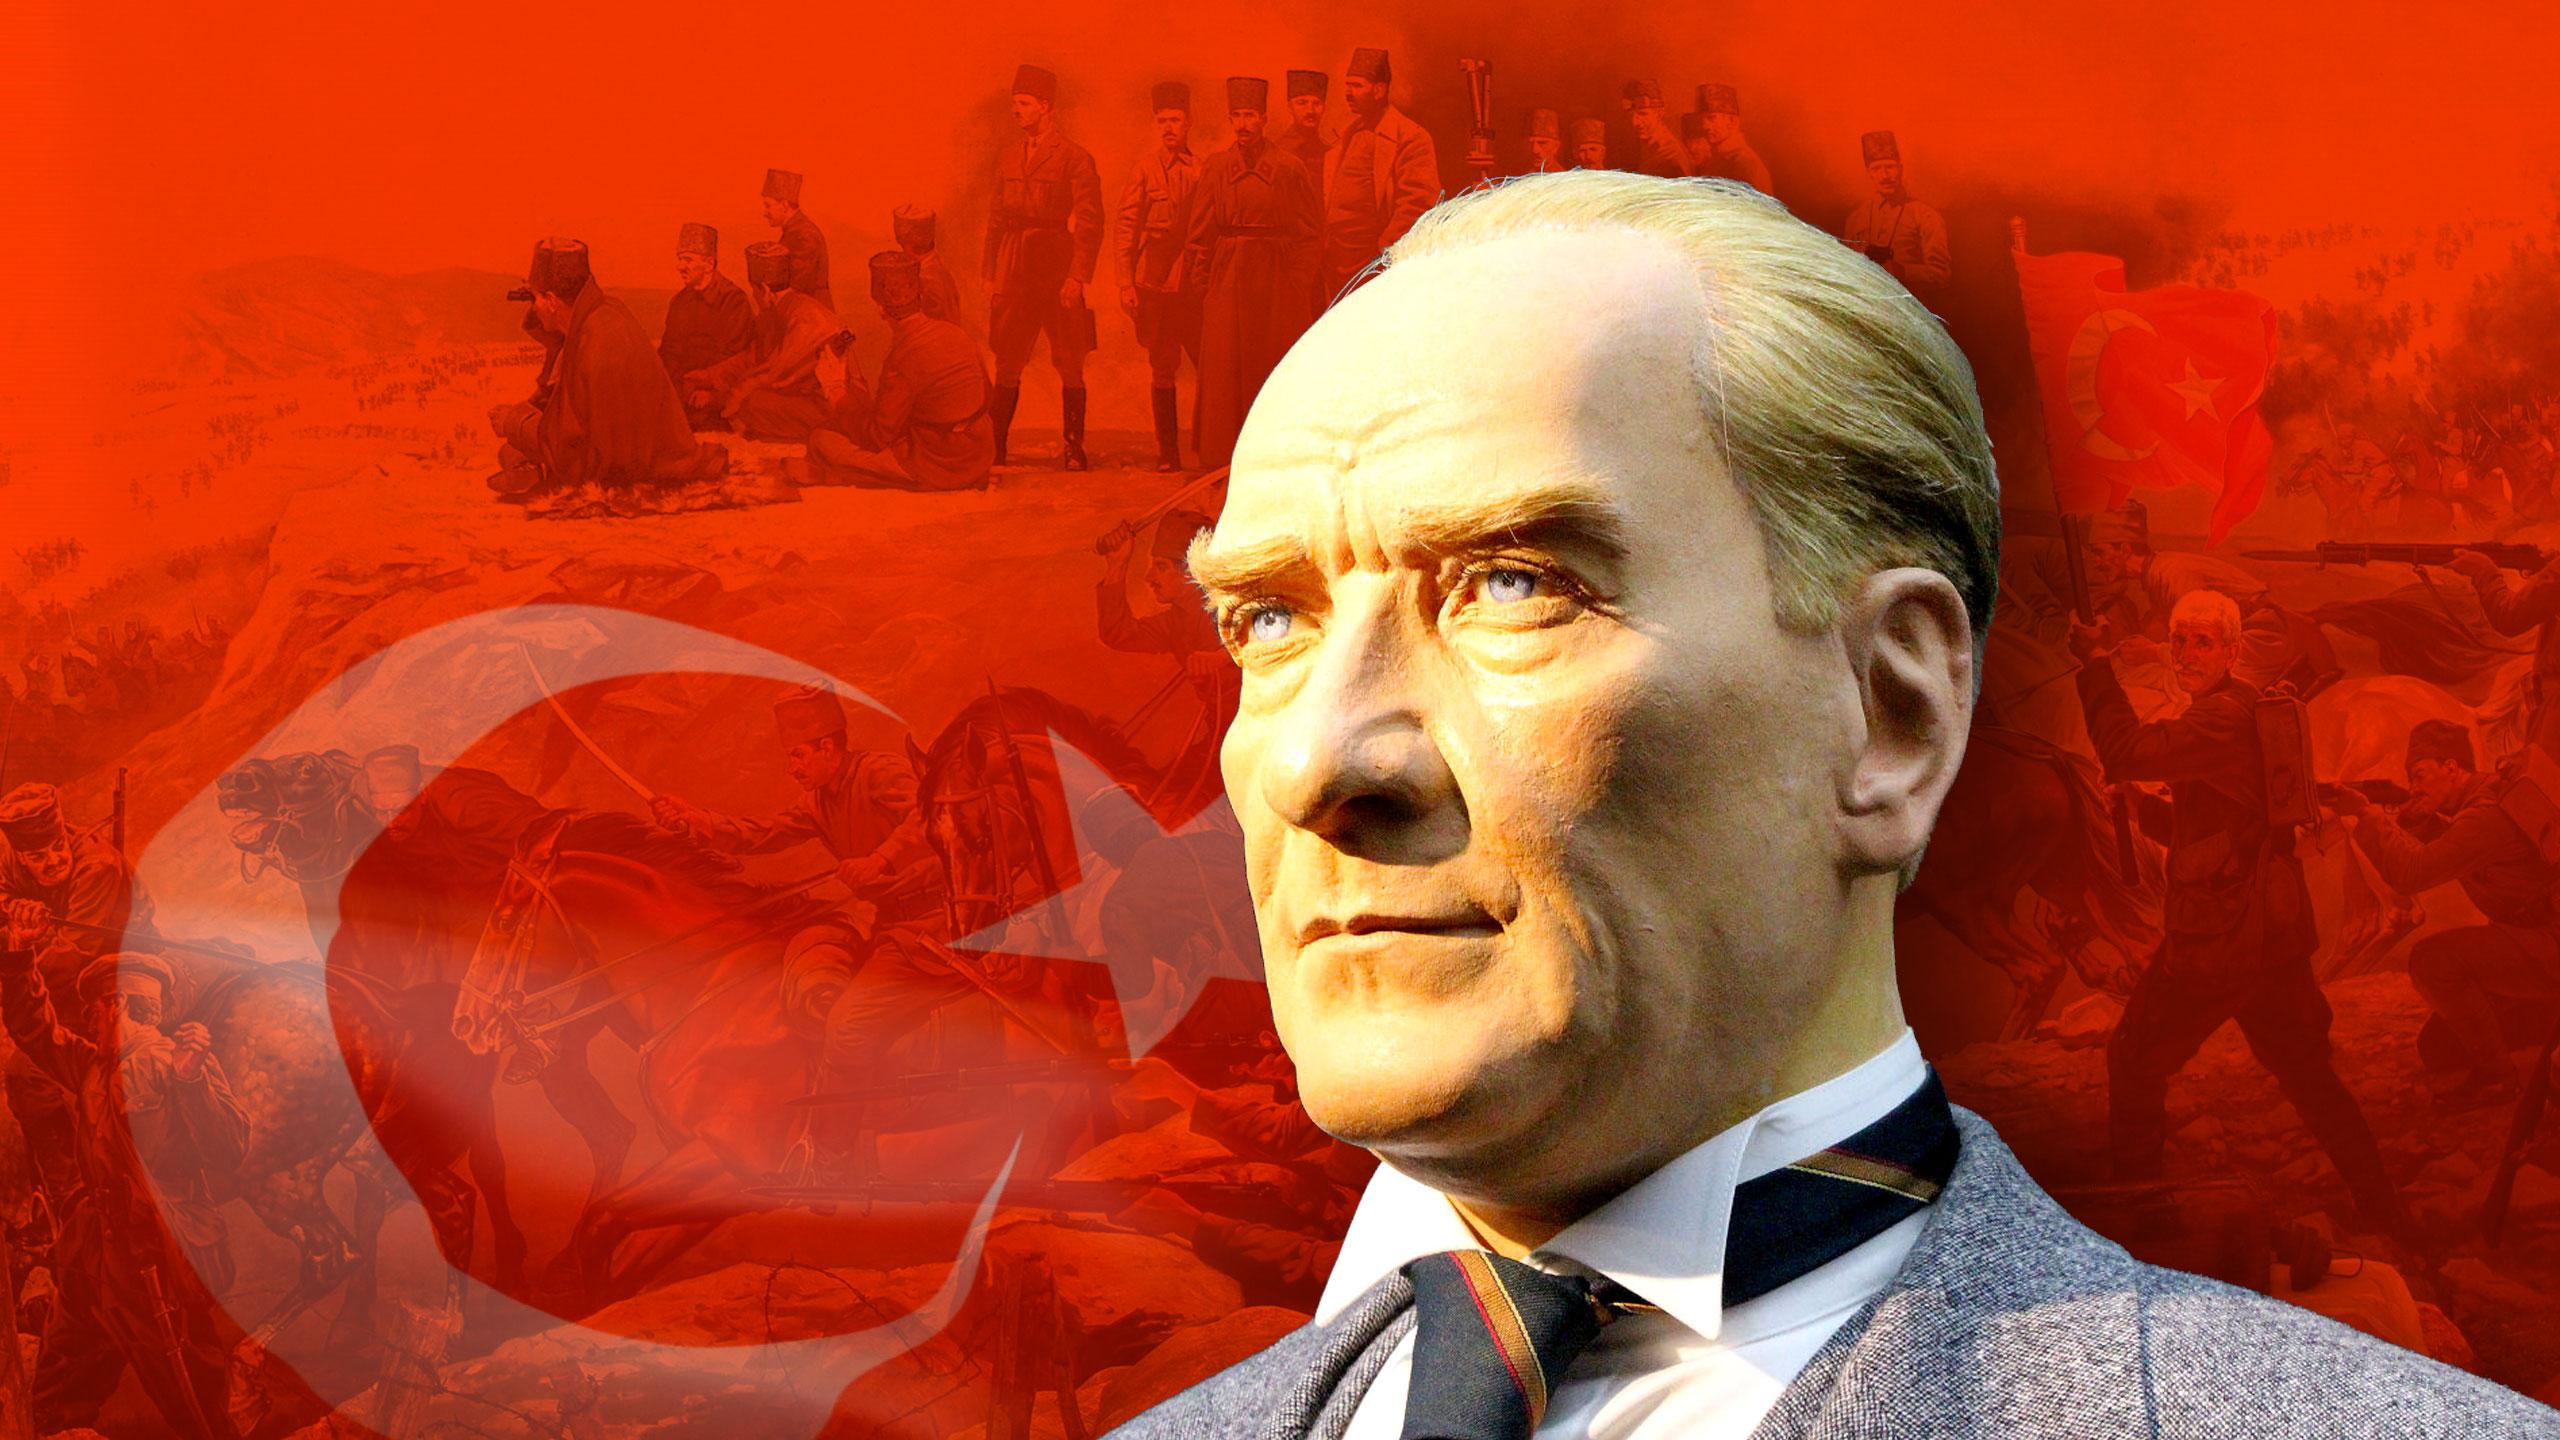 В Сирии обнаружили штаб-квартиру Ататюрка и сильно огорчились